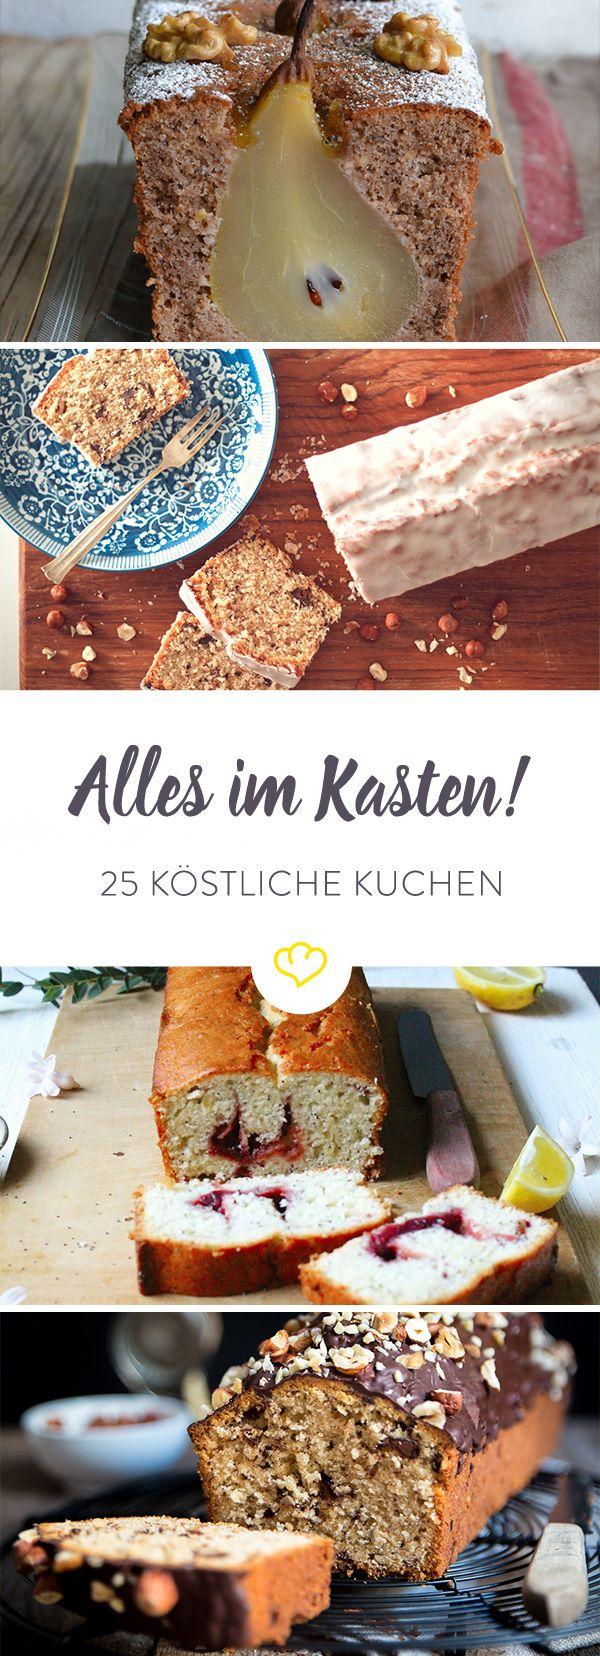 Unsere Foodblogger haben echt was auf dem Kasten. Und im Kasten: Von süßem Schoko- bis herzhaftem Kürbiskuchen gibt's hier 25 Mal Kucheninspiration satt.